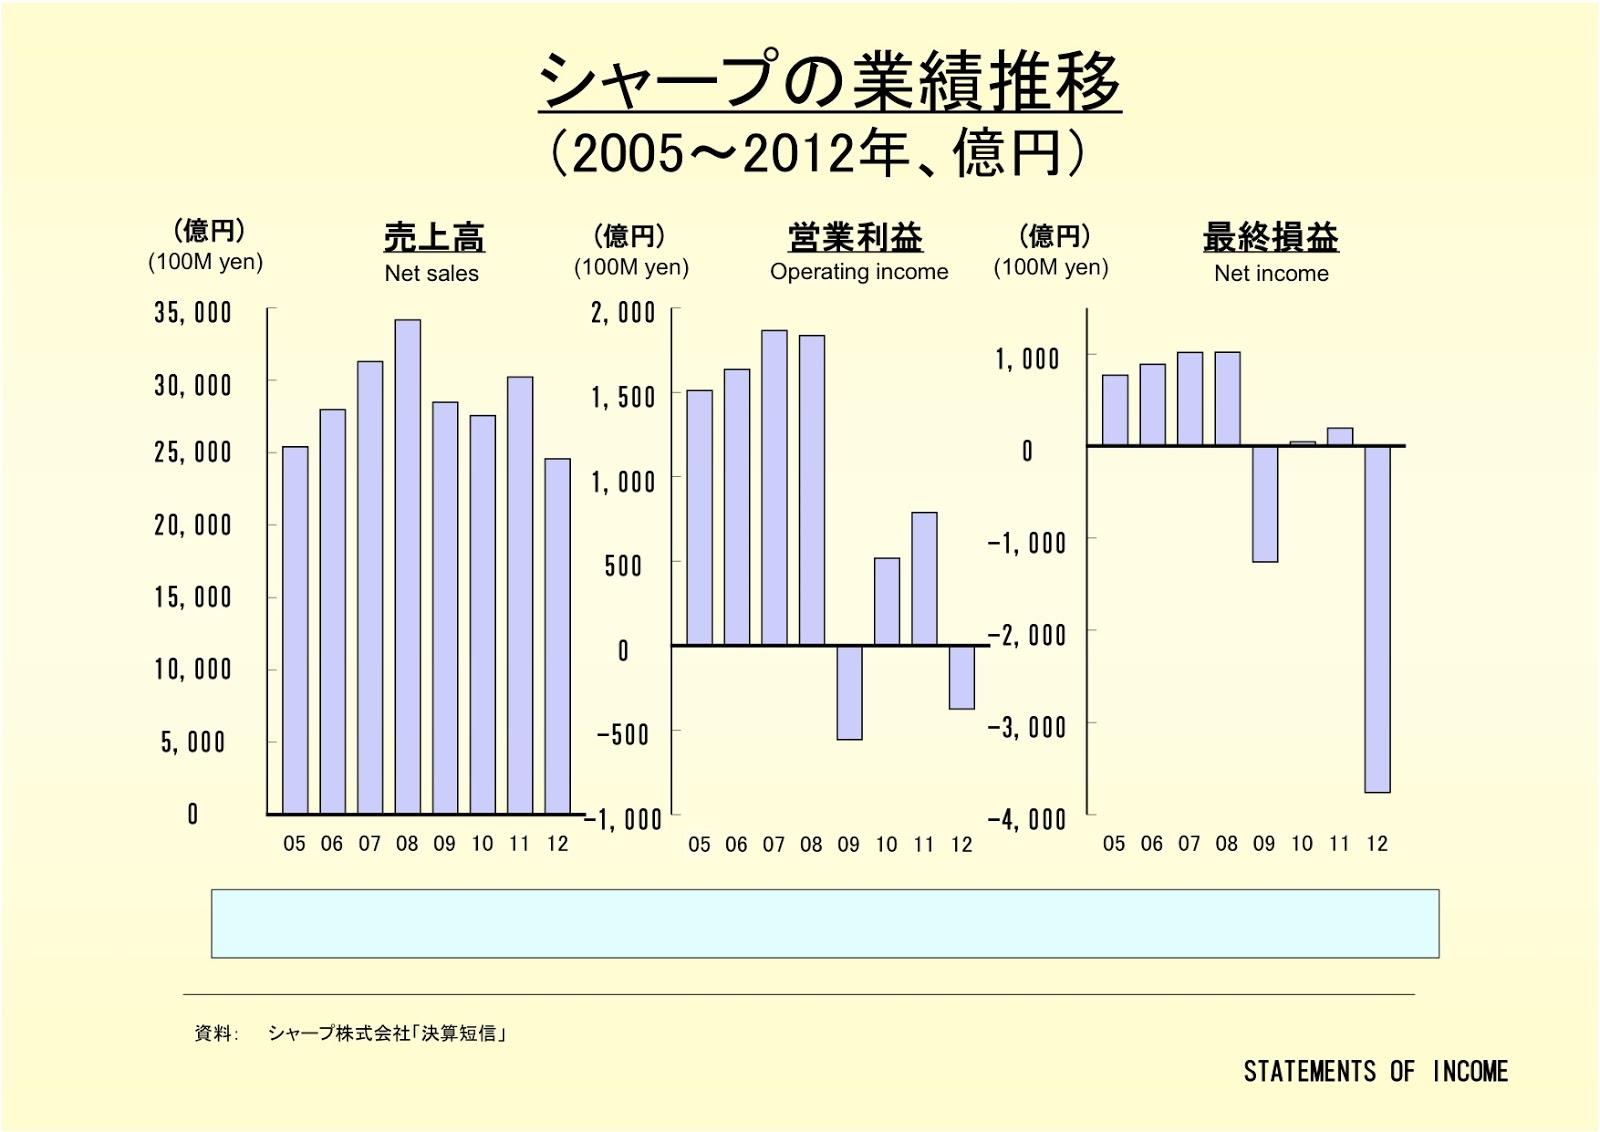 シャープ株式会社の業績推移